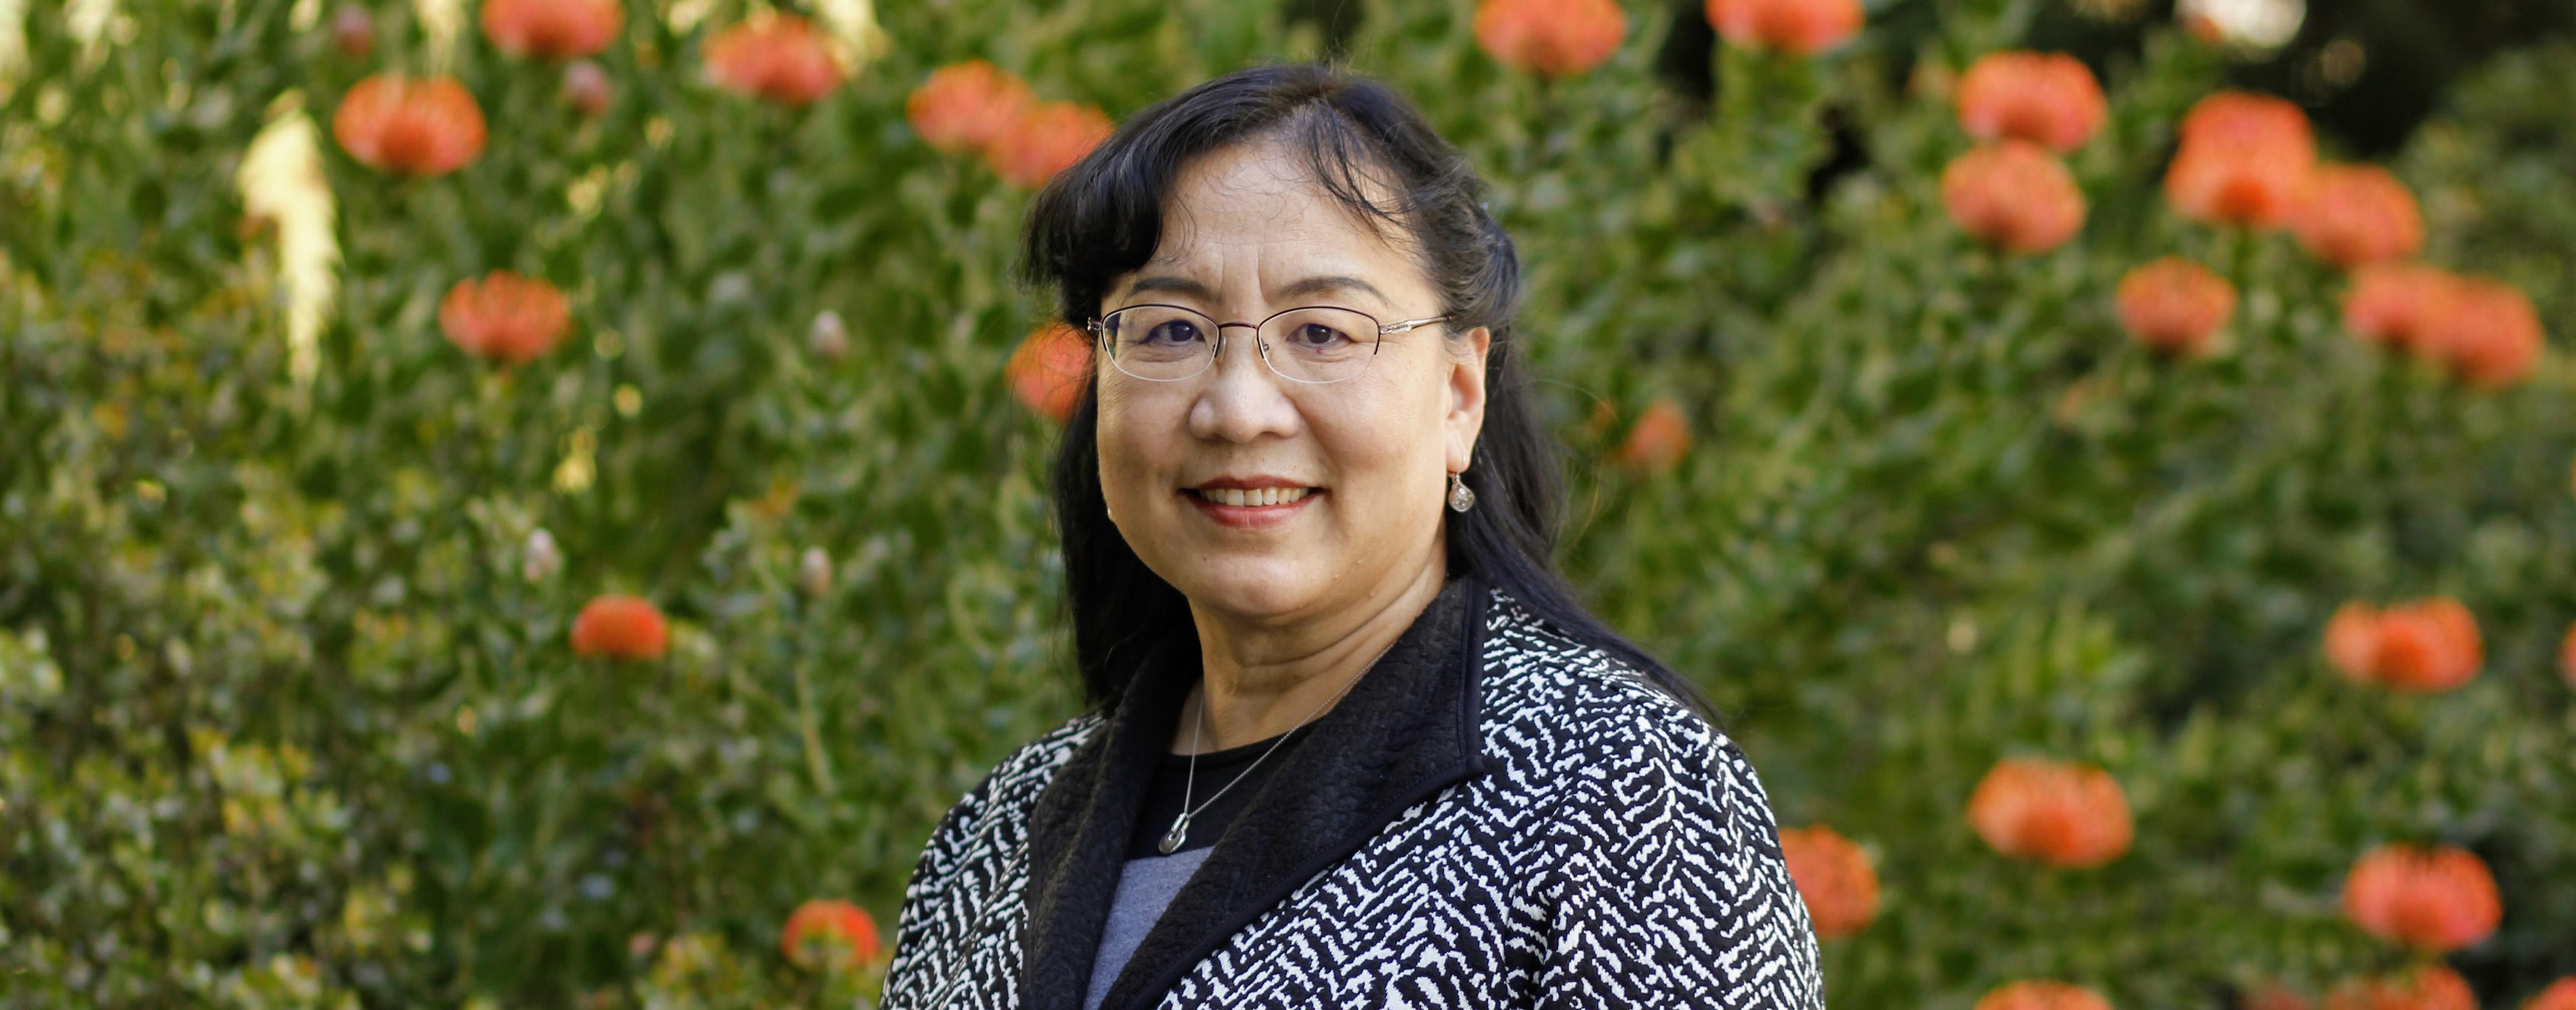 Meina Tang, Ph. D.